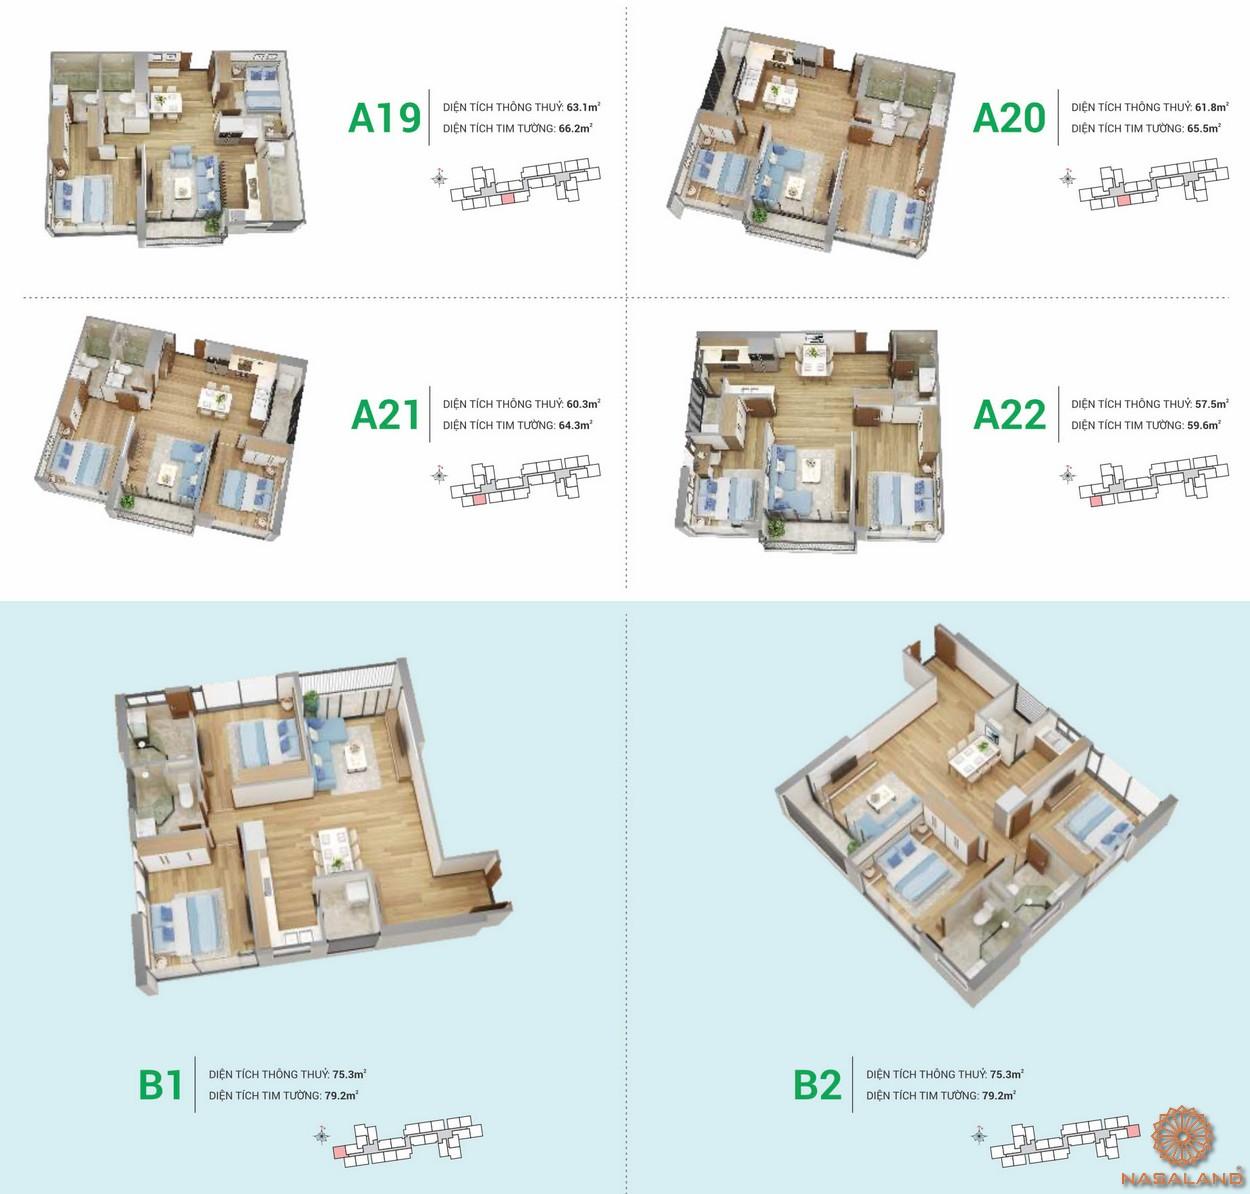 Mặt bằng căn hộ HR3 thuộc dự án chung cư Eco Green Sài Gòn quận 7